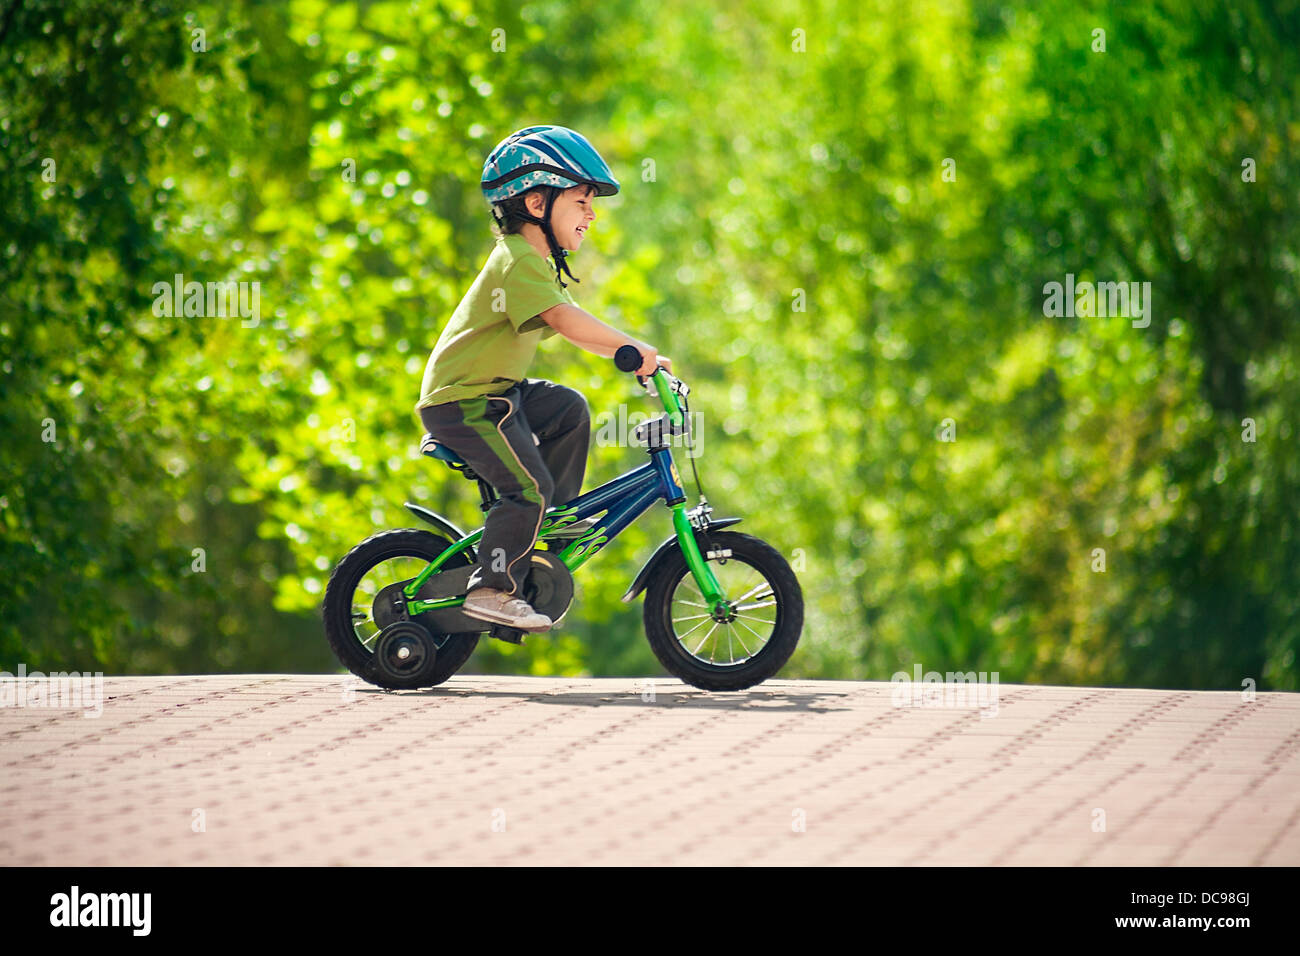 Chico en un casco de bicicleta Equitación Imagen De Stock